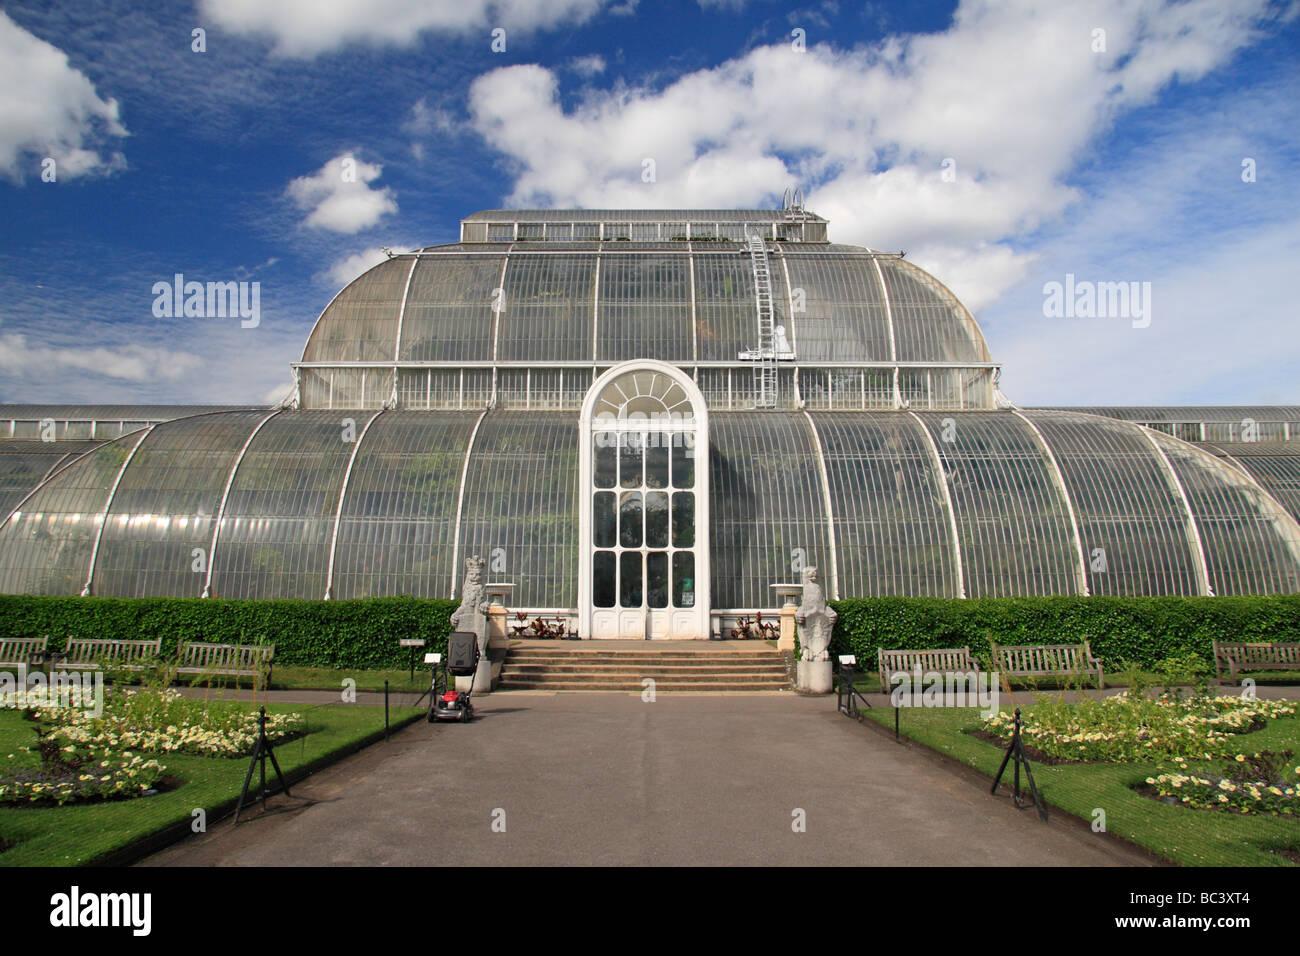 Der Haupteingang zum Palmenhaus, The Royal Botanic Gardens, Kew ...